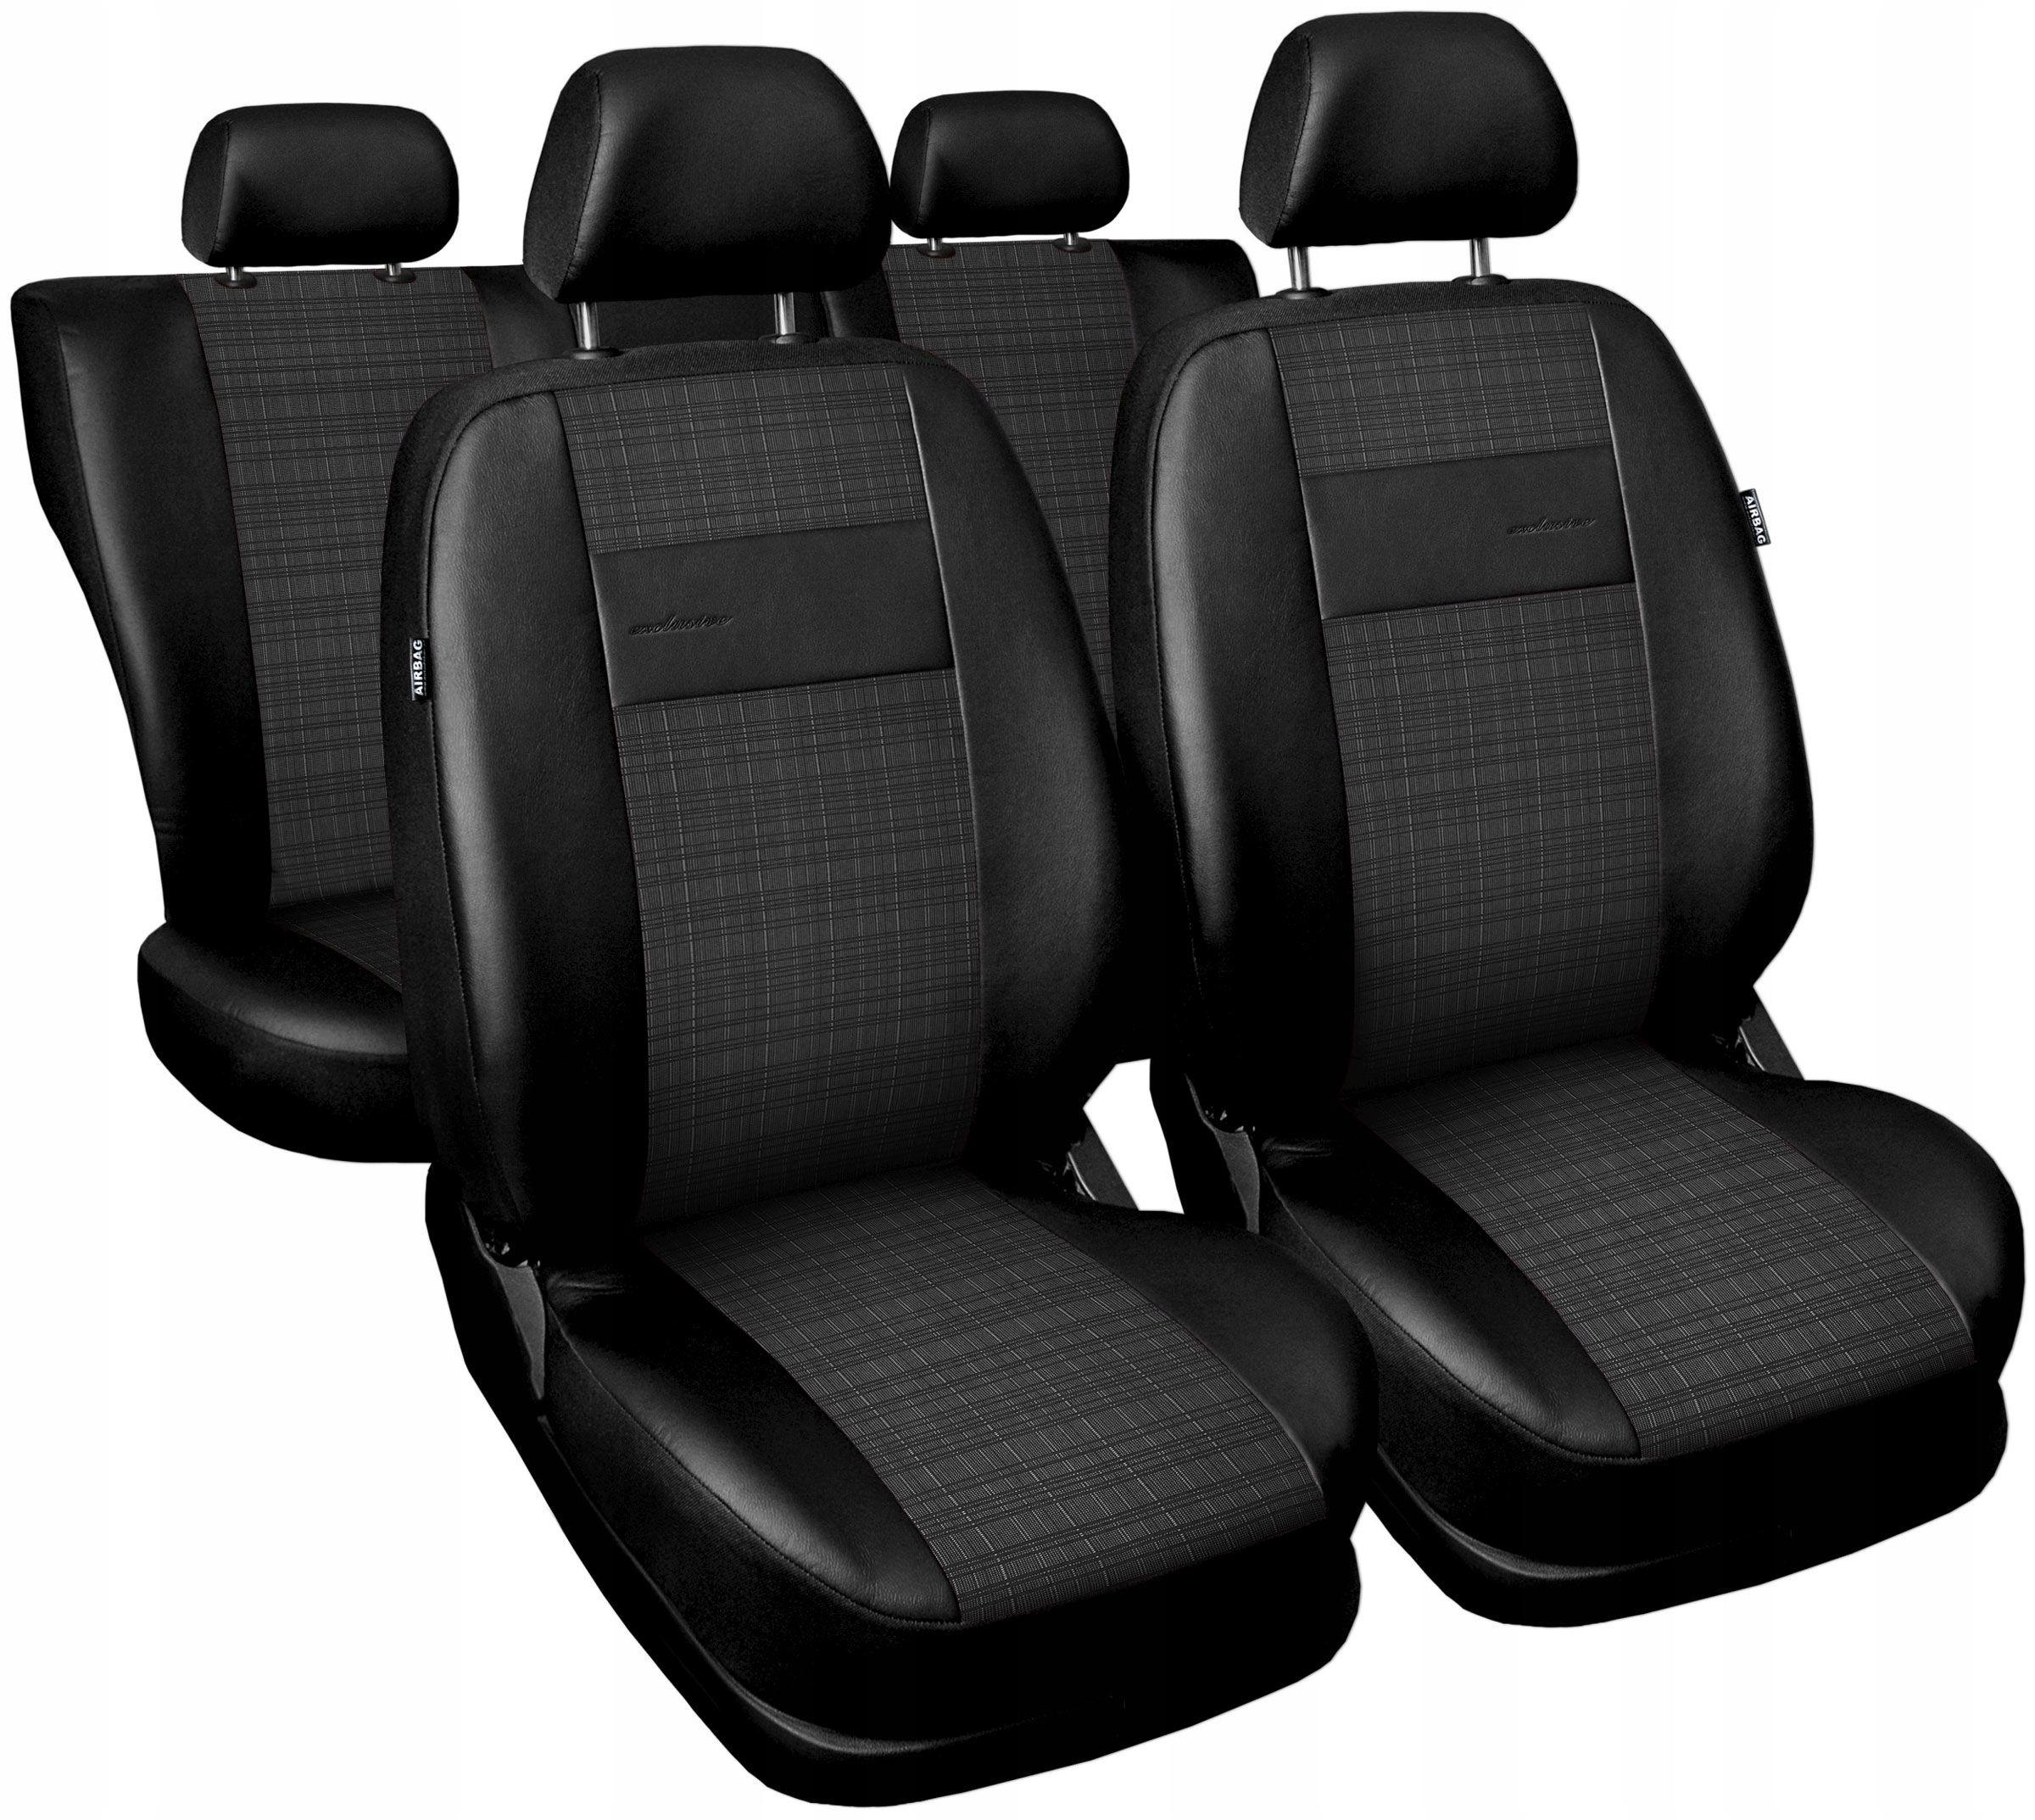 Pokrowce E4 na fotele do Audi A6 C4 C5 C6 C7